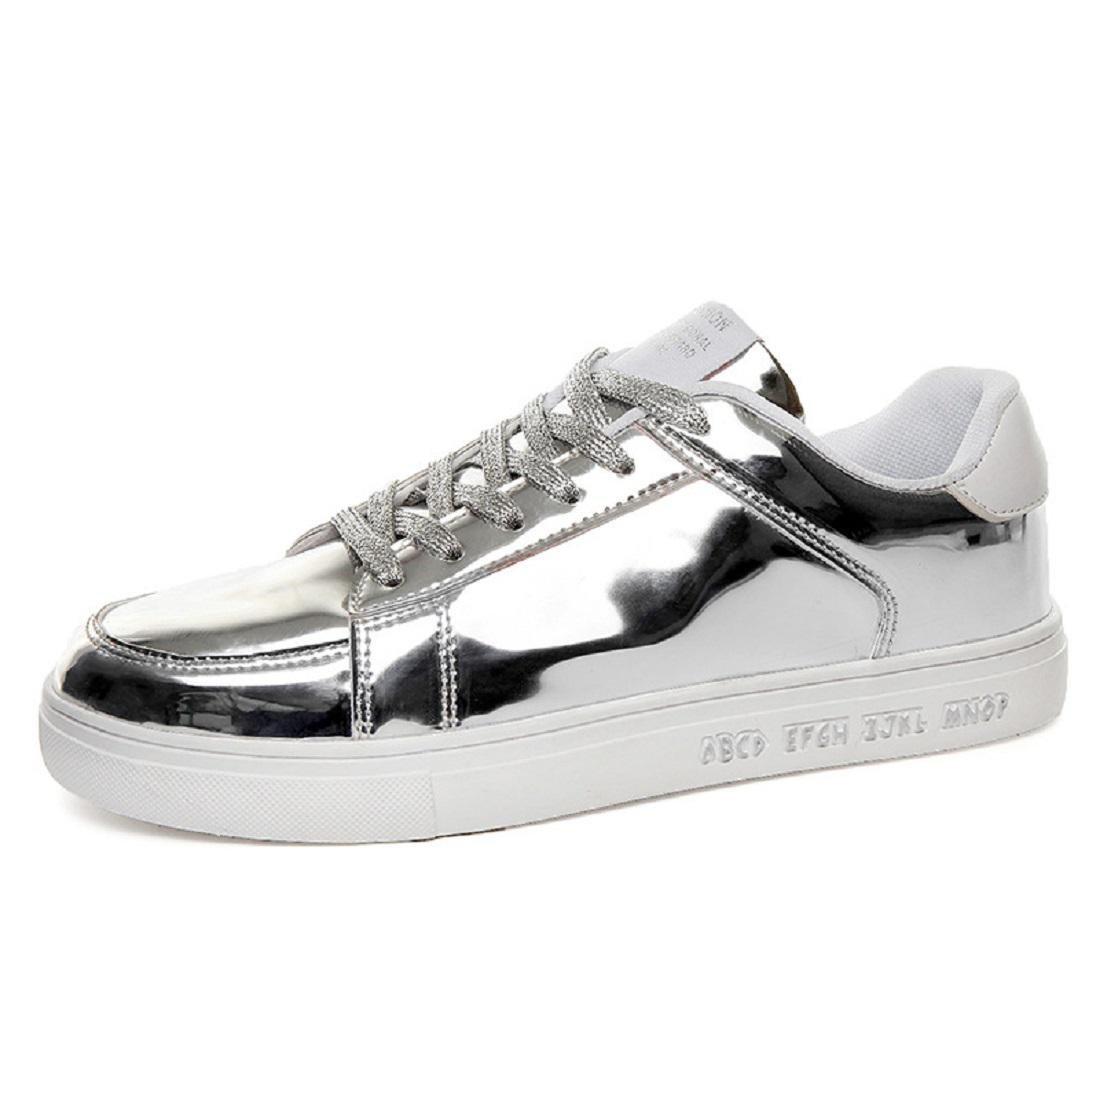 Herren Mode Flache Schuhe Rutschfest Sportschuhe Lazy Schuhe Licht Gemütlich Lässige Schuhe EUR GRÖSSE 39-44 , silver , 39